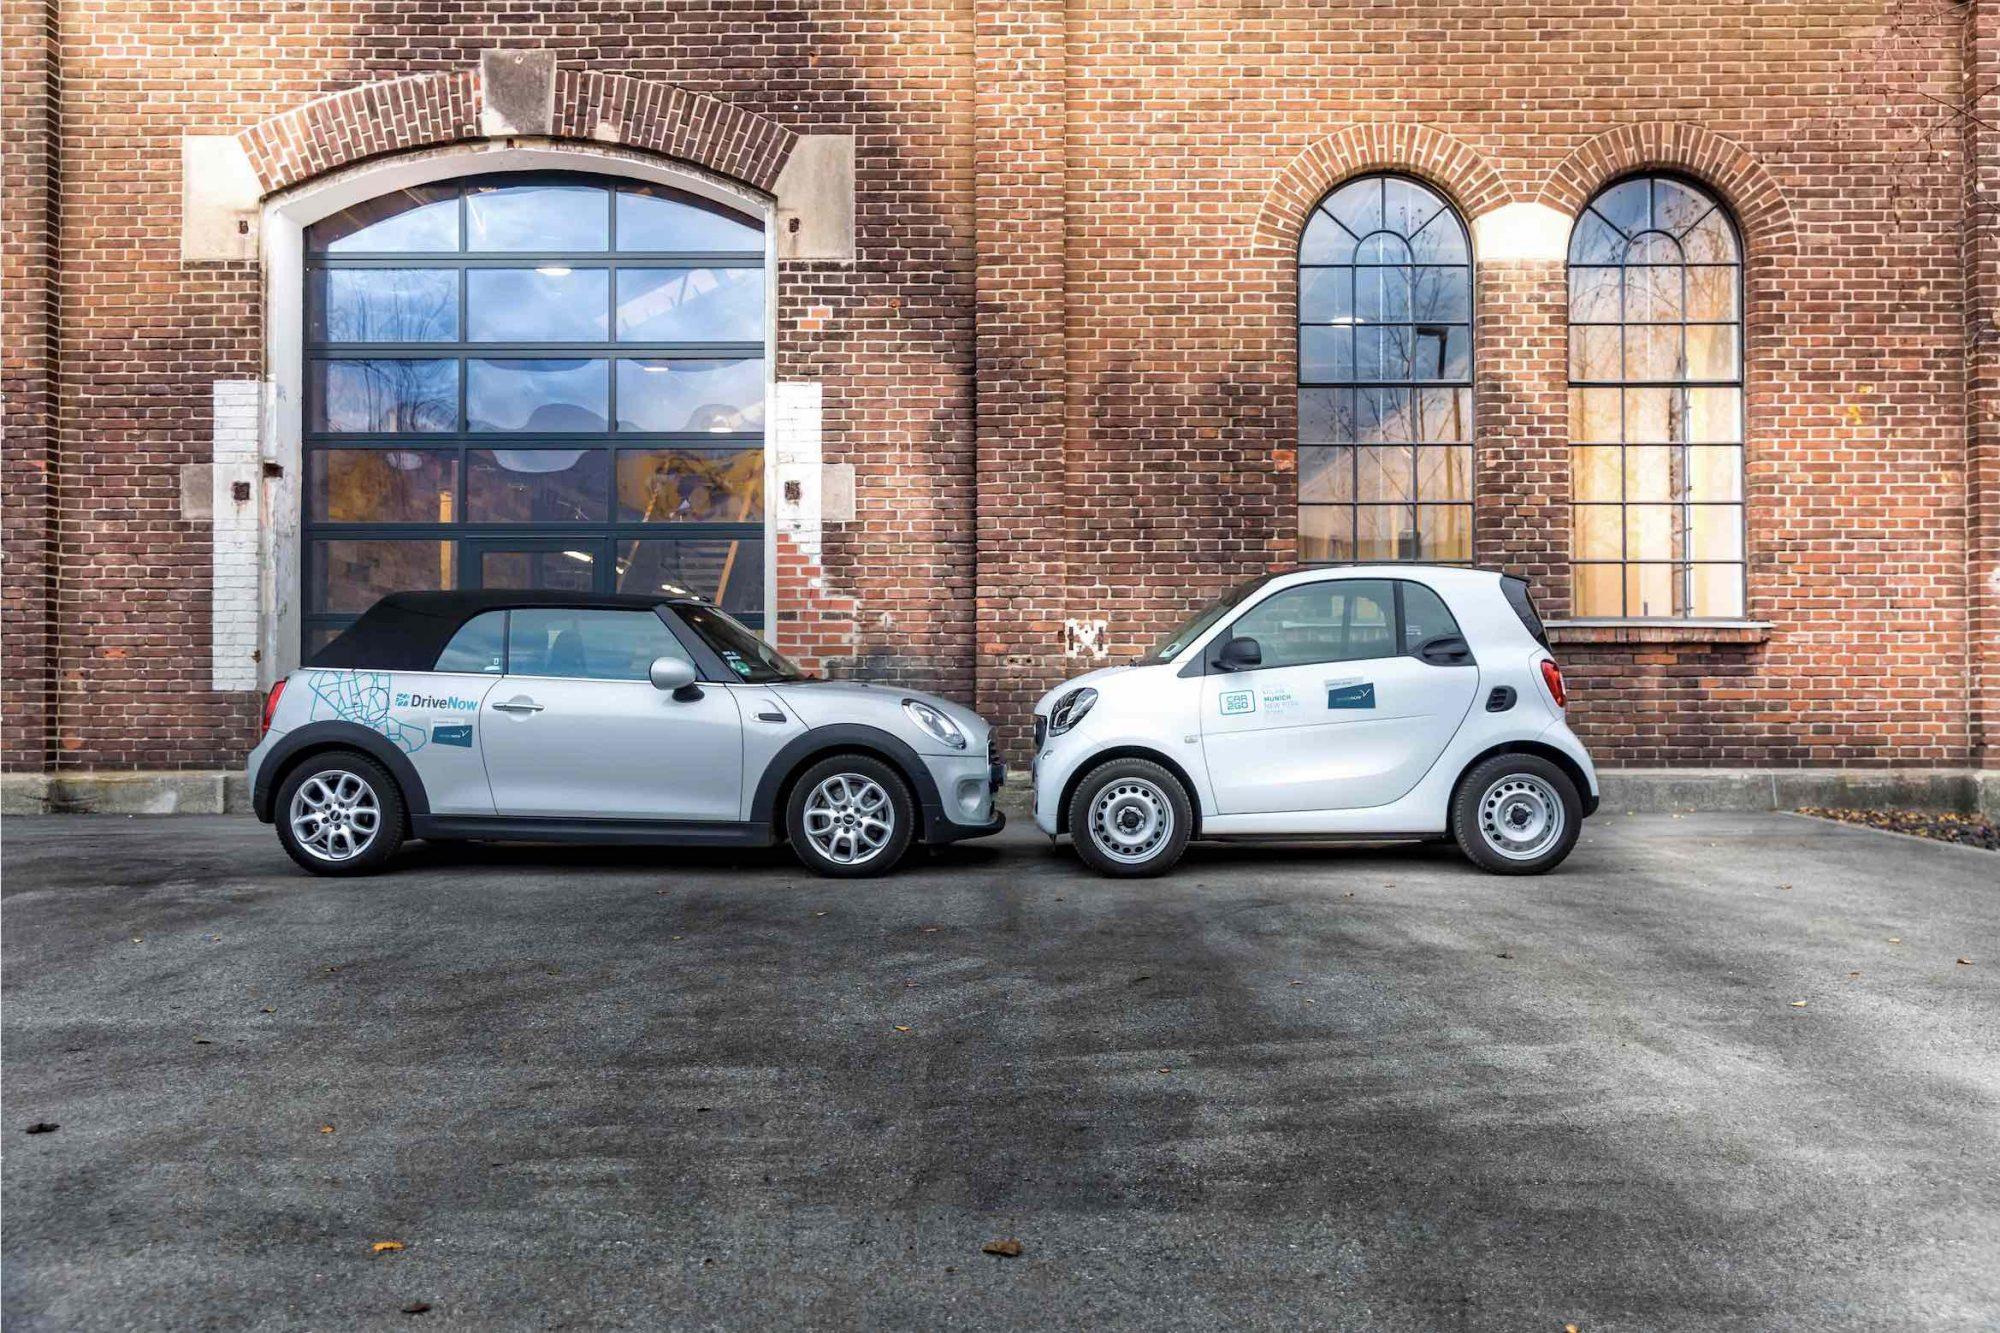 SHARE NOW: Otto mesi dopo l'apertura, si contano ben 2,5 Milioni di noleggi auto a Milano thumbnail